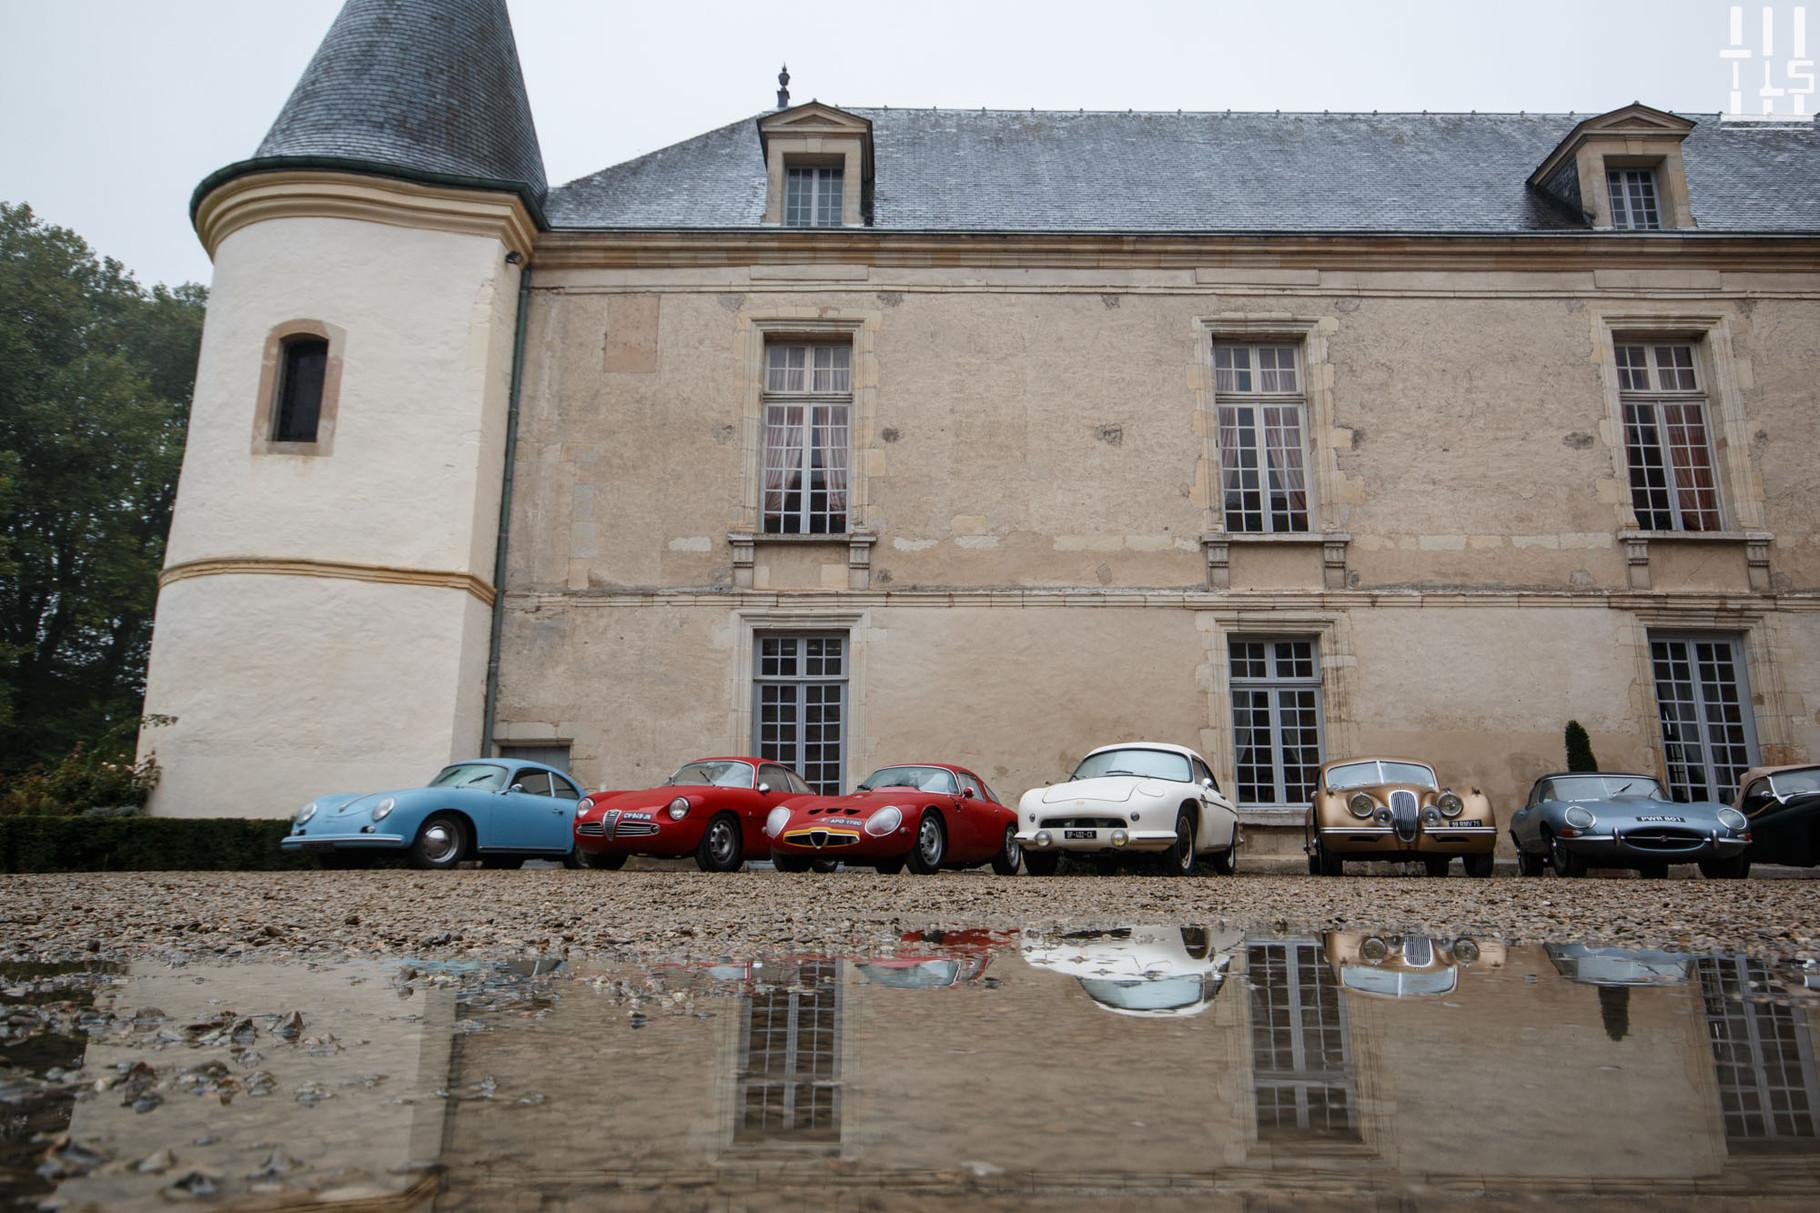 Vue d'ensemble - Journées d'Automne 2015, Château de Condé.